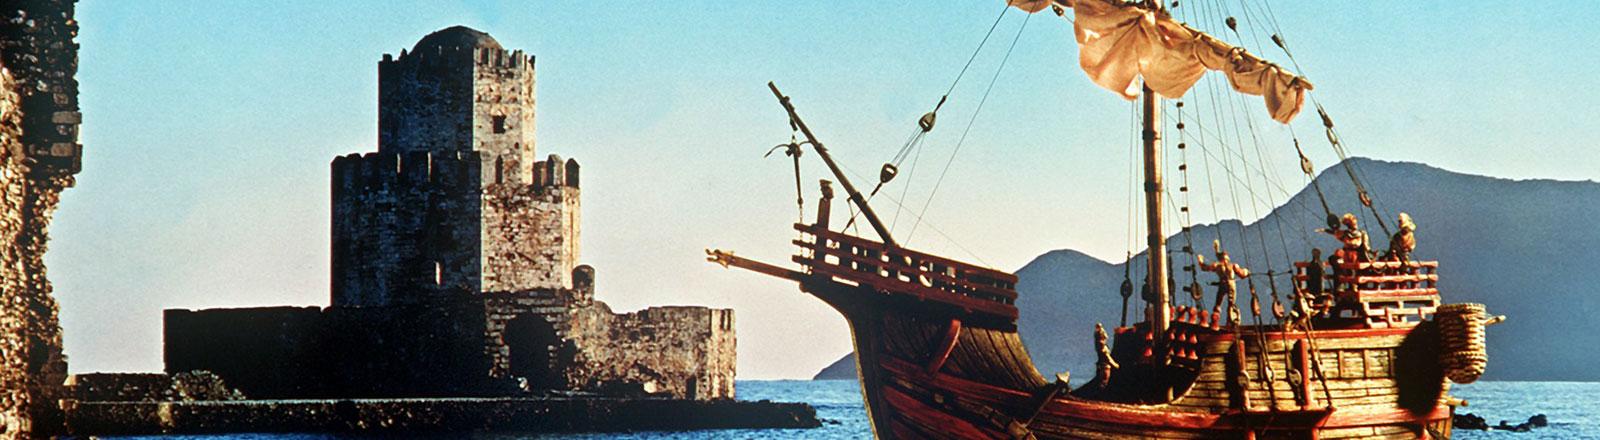 Die Darstellung eines historischen Segelschiffes in einem Hafen.